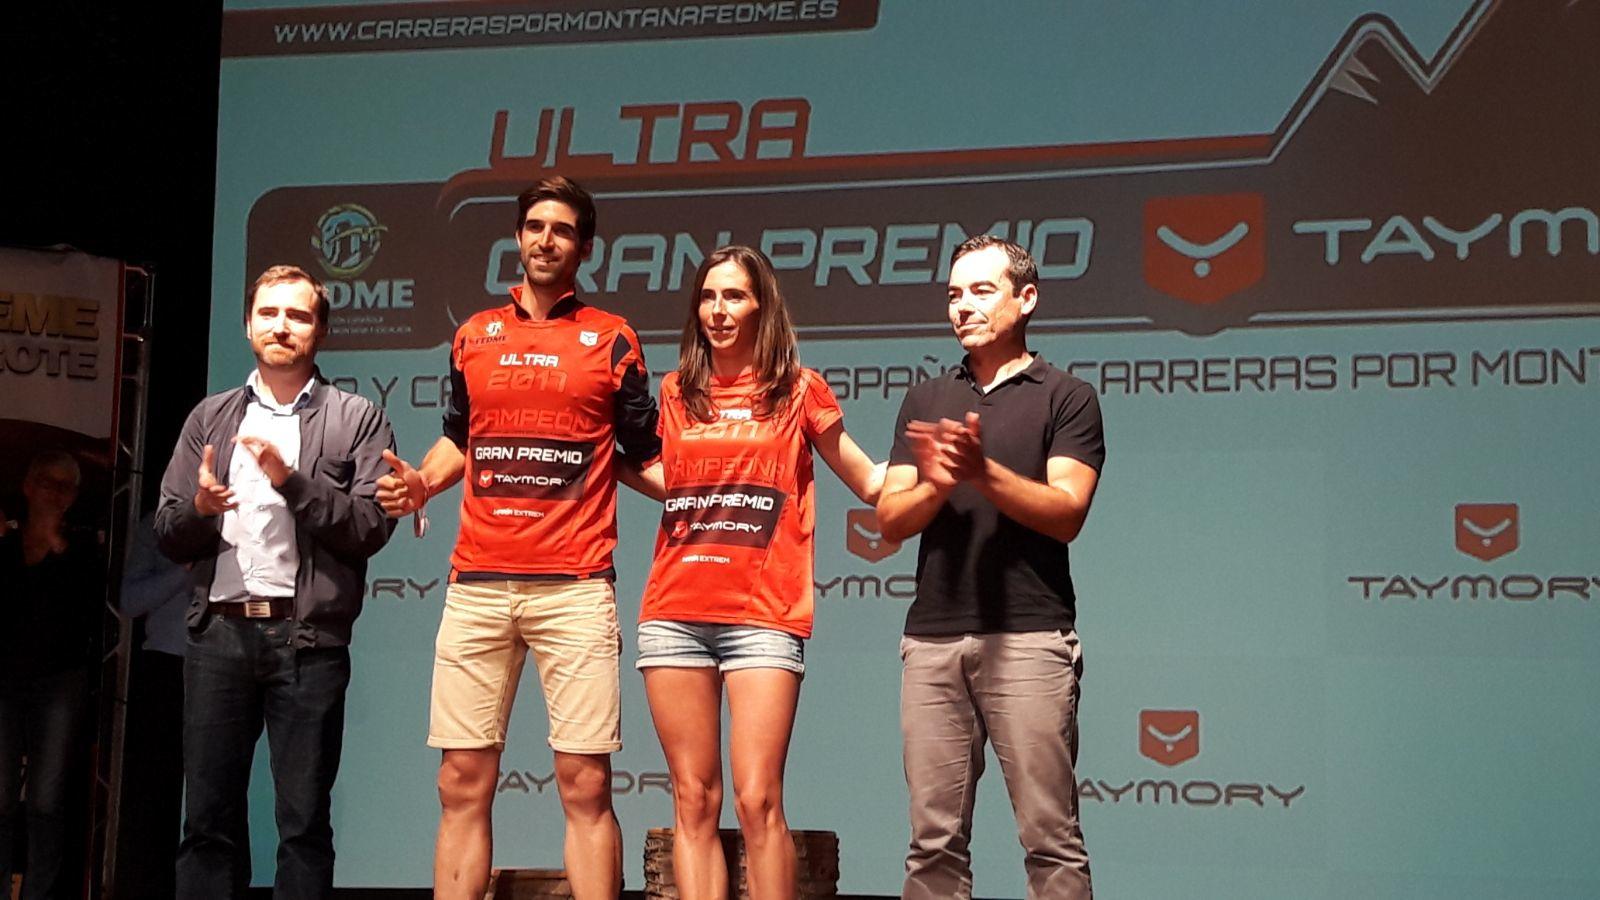 Gerard Morales y Gemma Arenas se proclaman Campeones de España de Carreras por Montaña Ultra - GP Compressport® en Ultra Montseny Compressport®